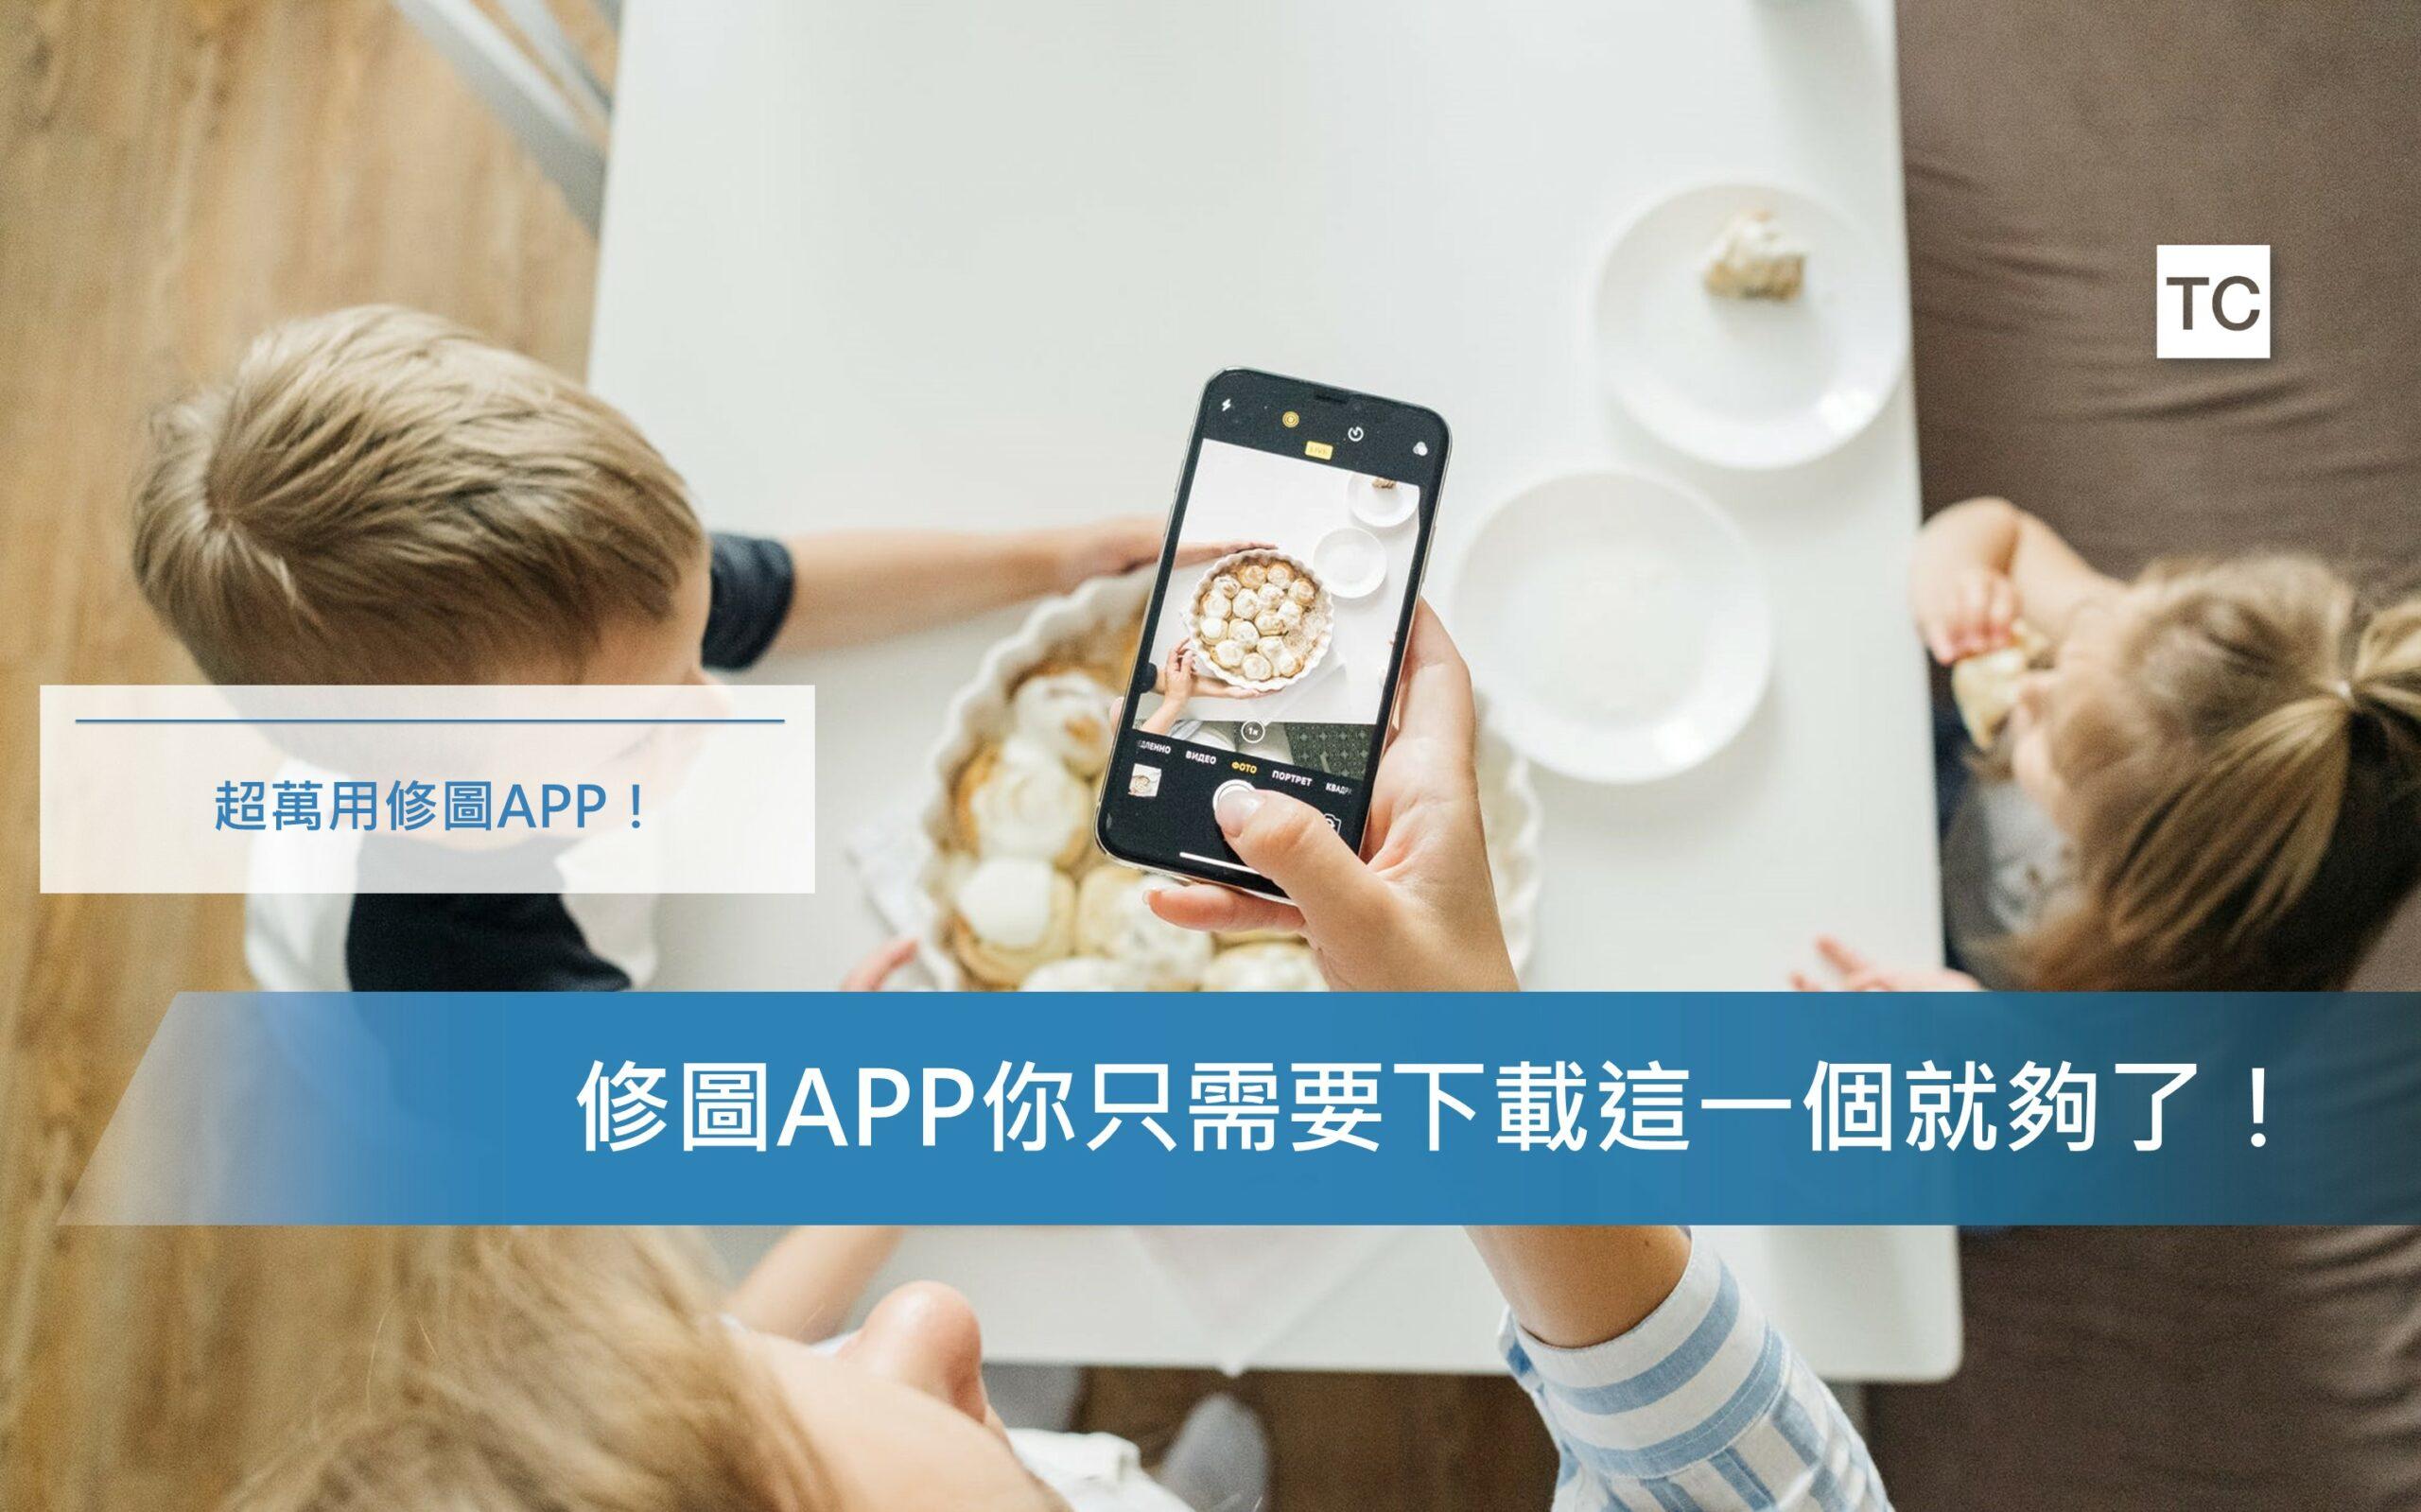 修圖APP推薦|你能想到的修圖功能在PicsArt都可以辦到!